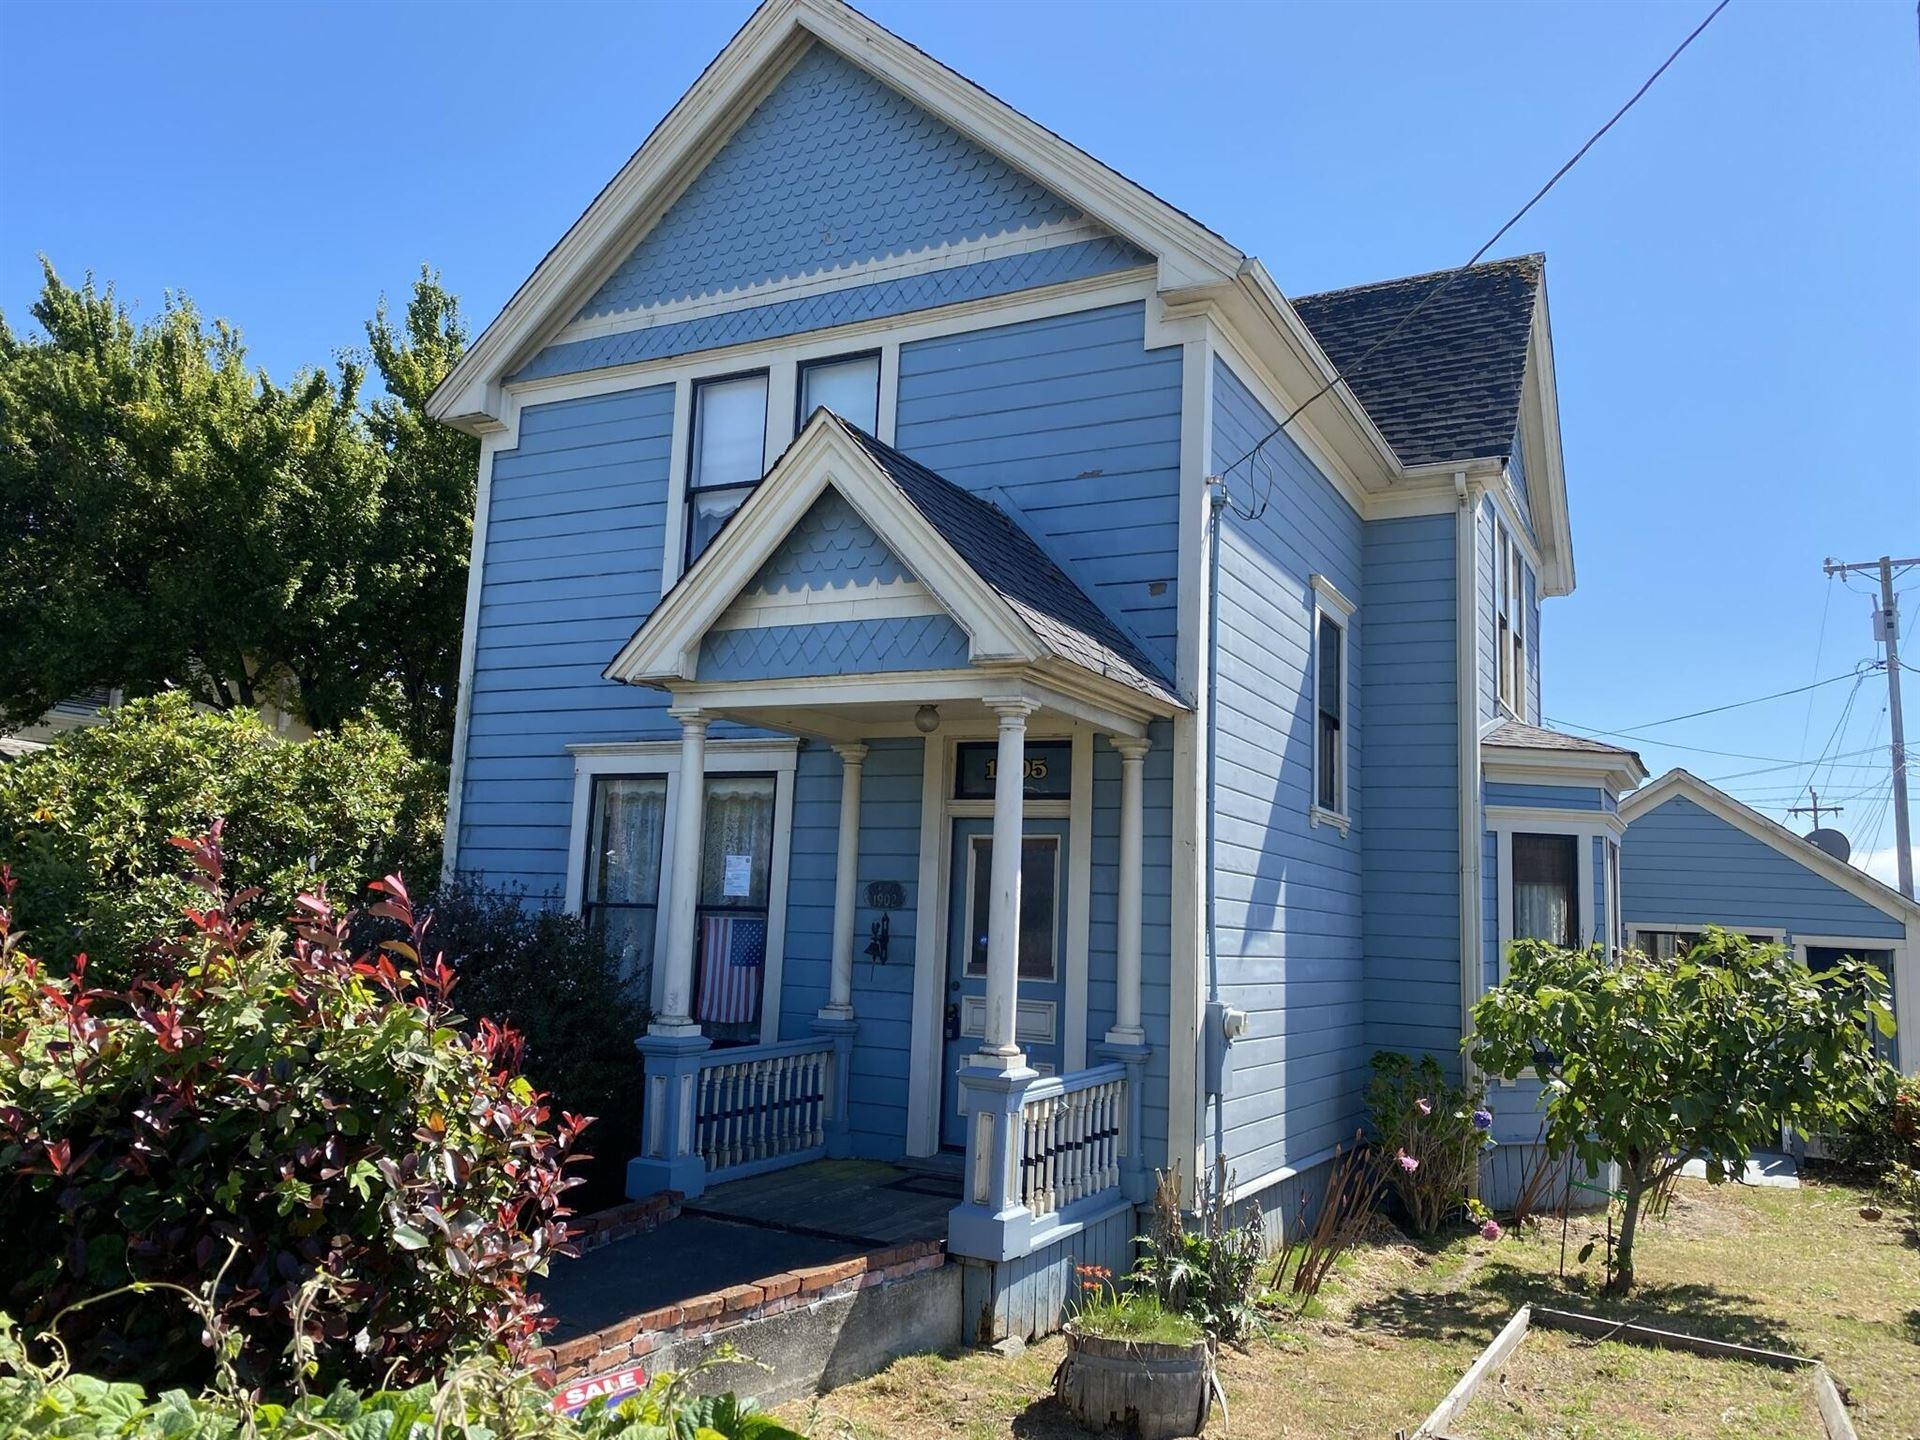 1505 S Main Street, Fortuna, CA 95540 - MLS#: 260114